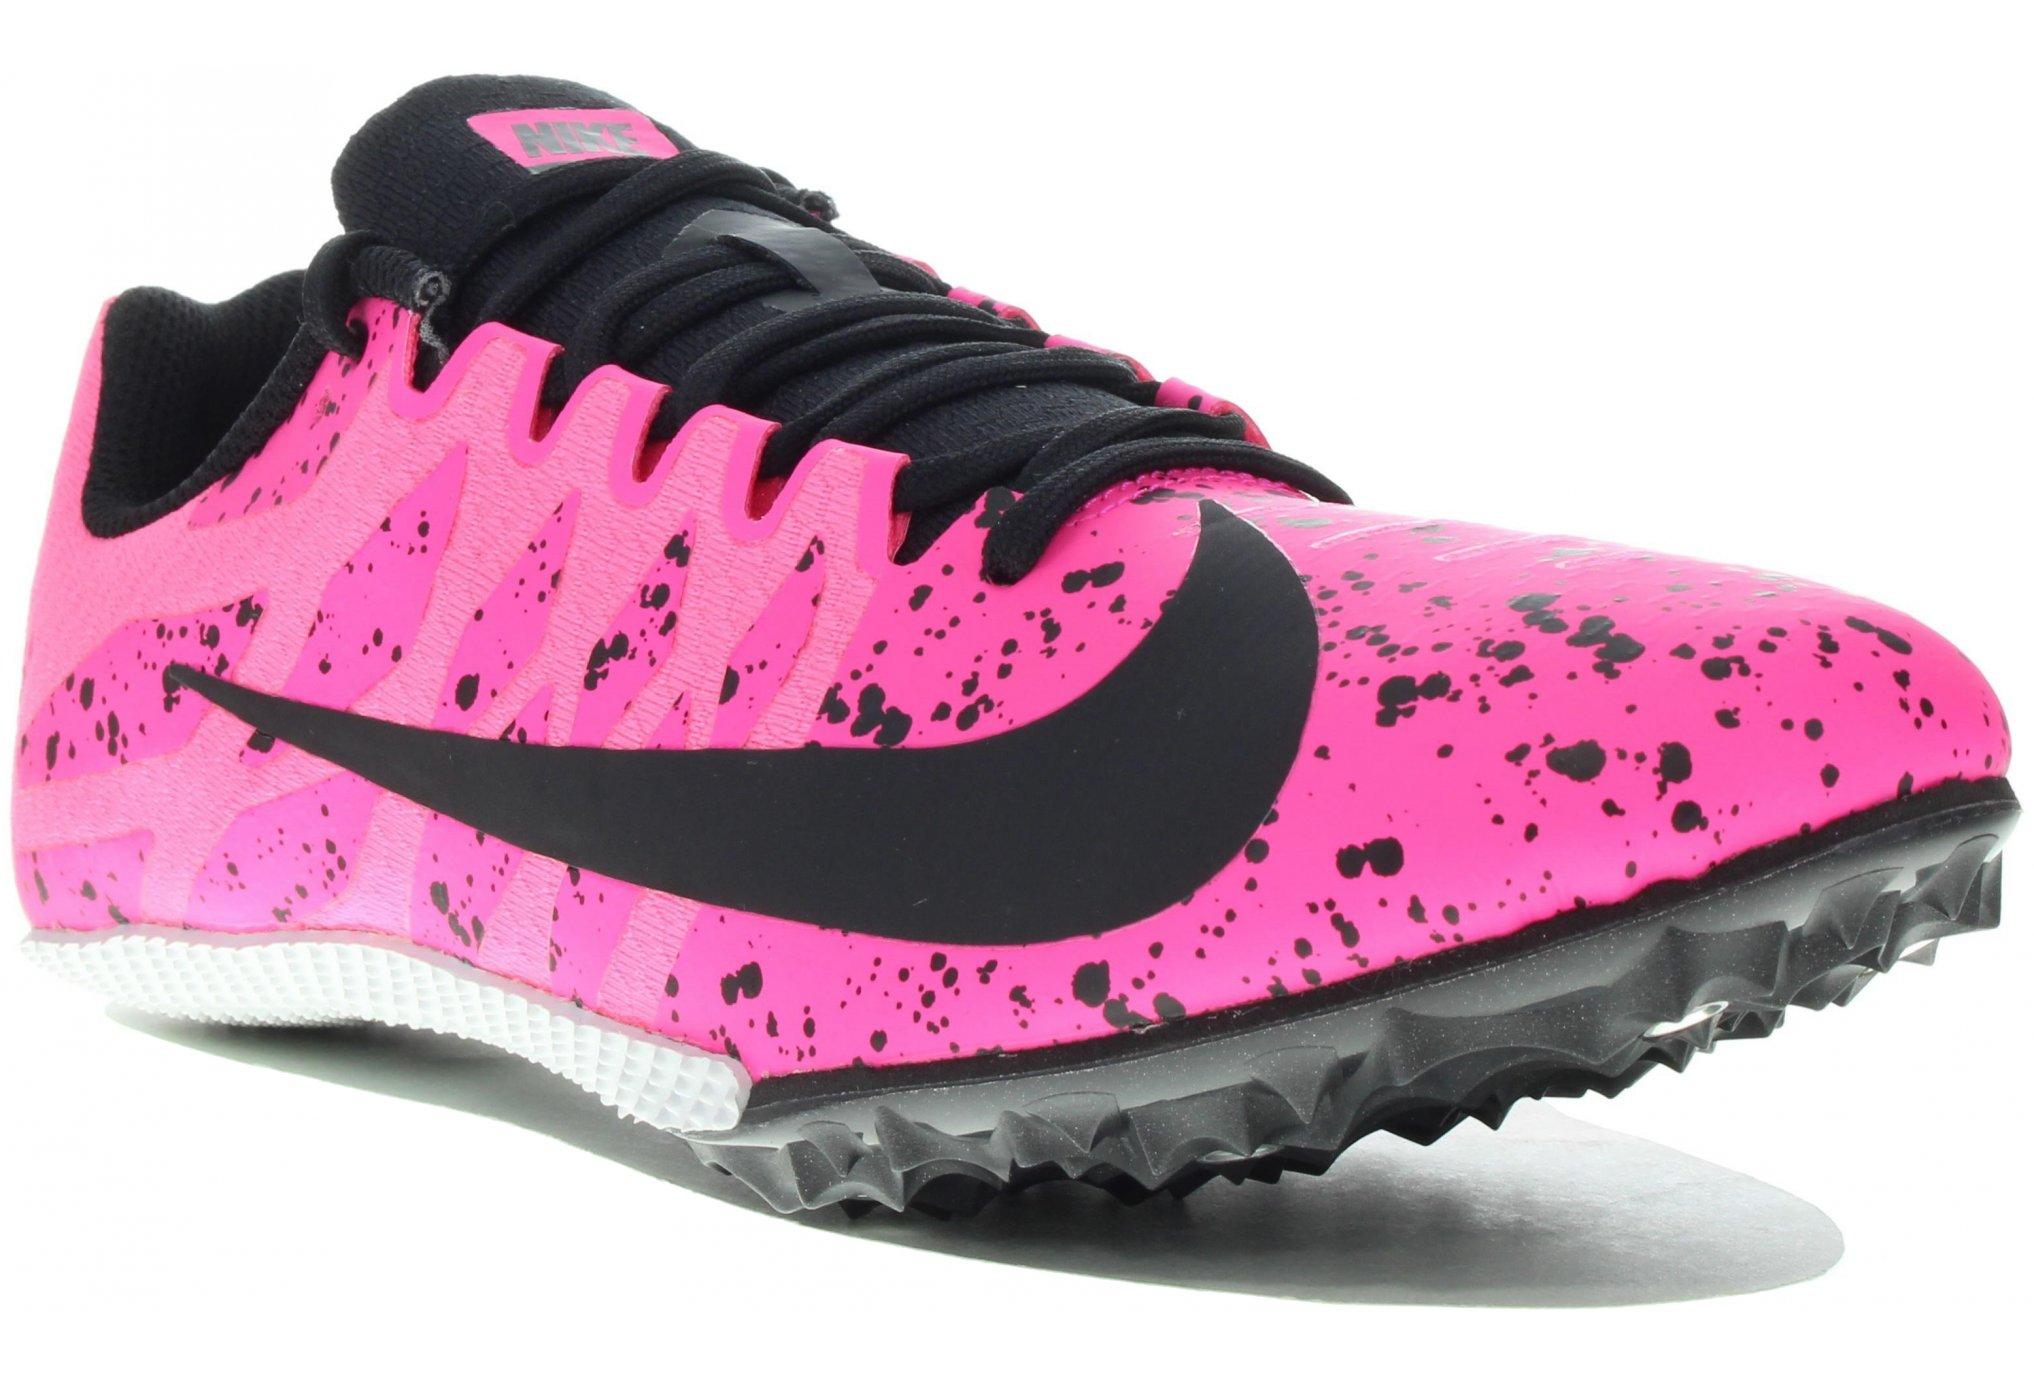 Nike Zoom Rival S 9 M Diététique Chaussures homme